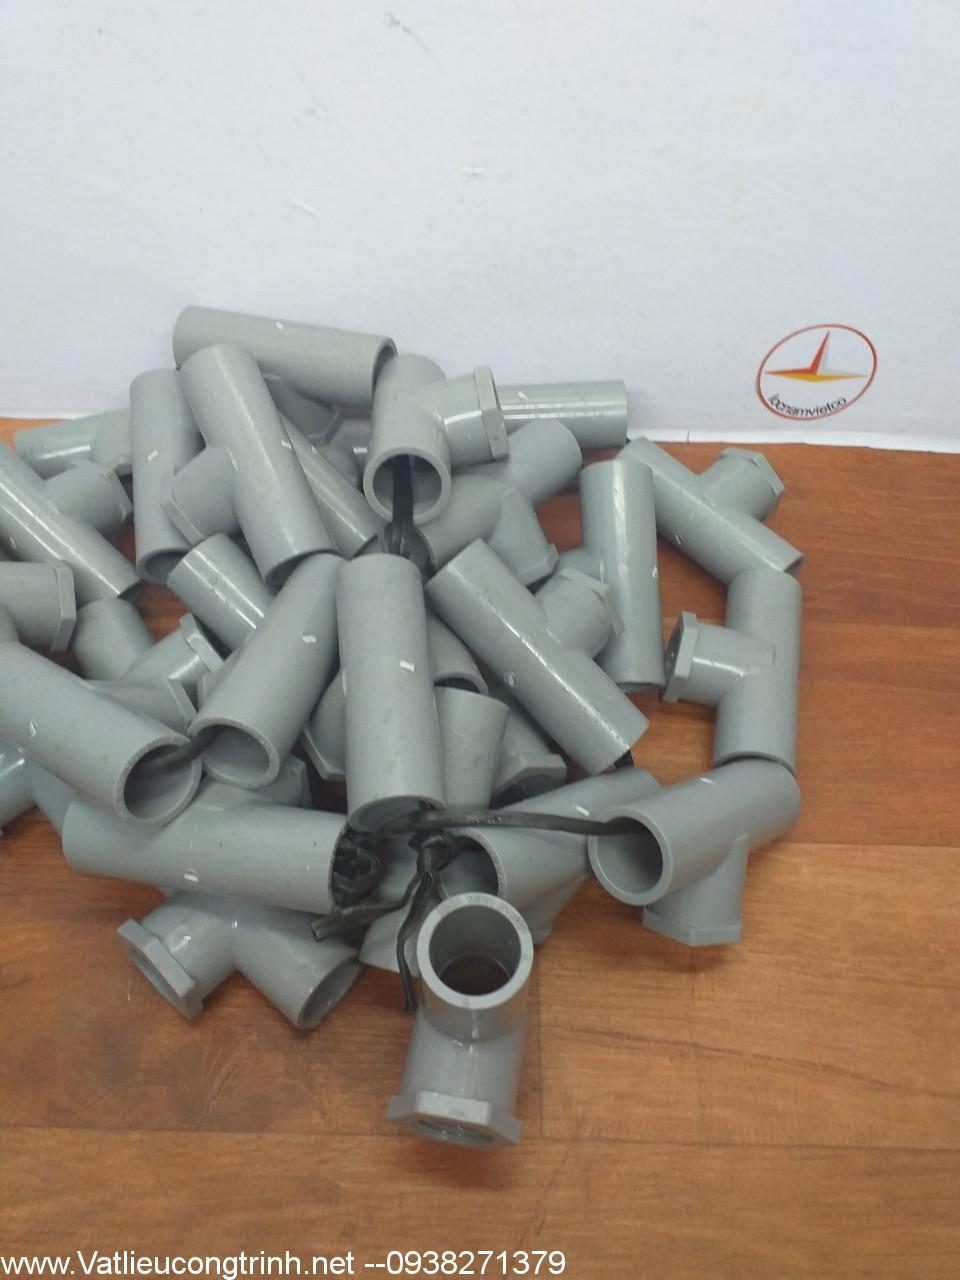 TE REN TRONG 21 NHUA PVC BINH MINH (1)